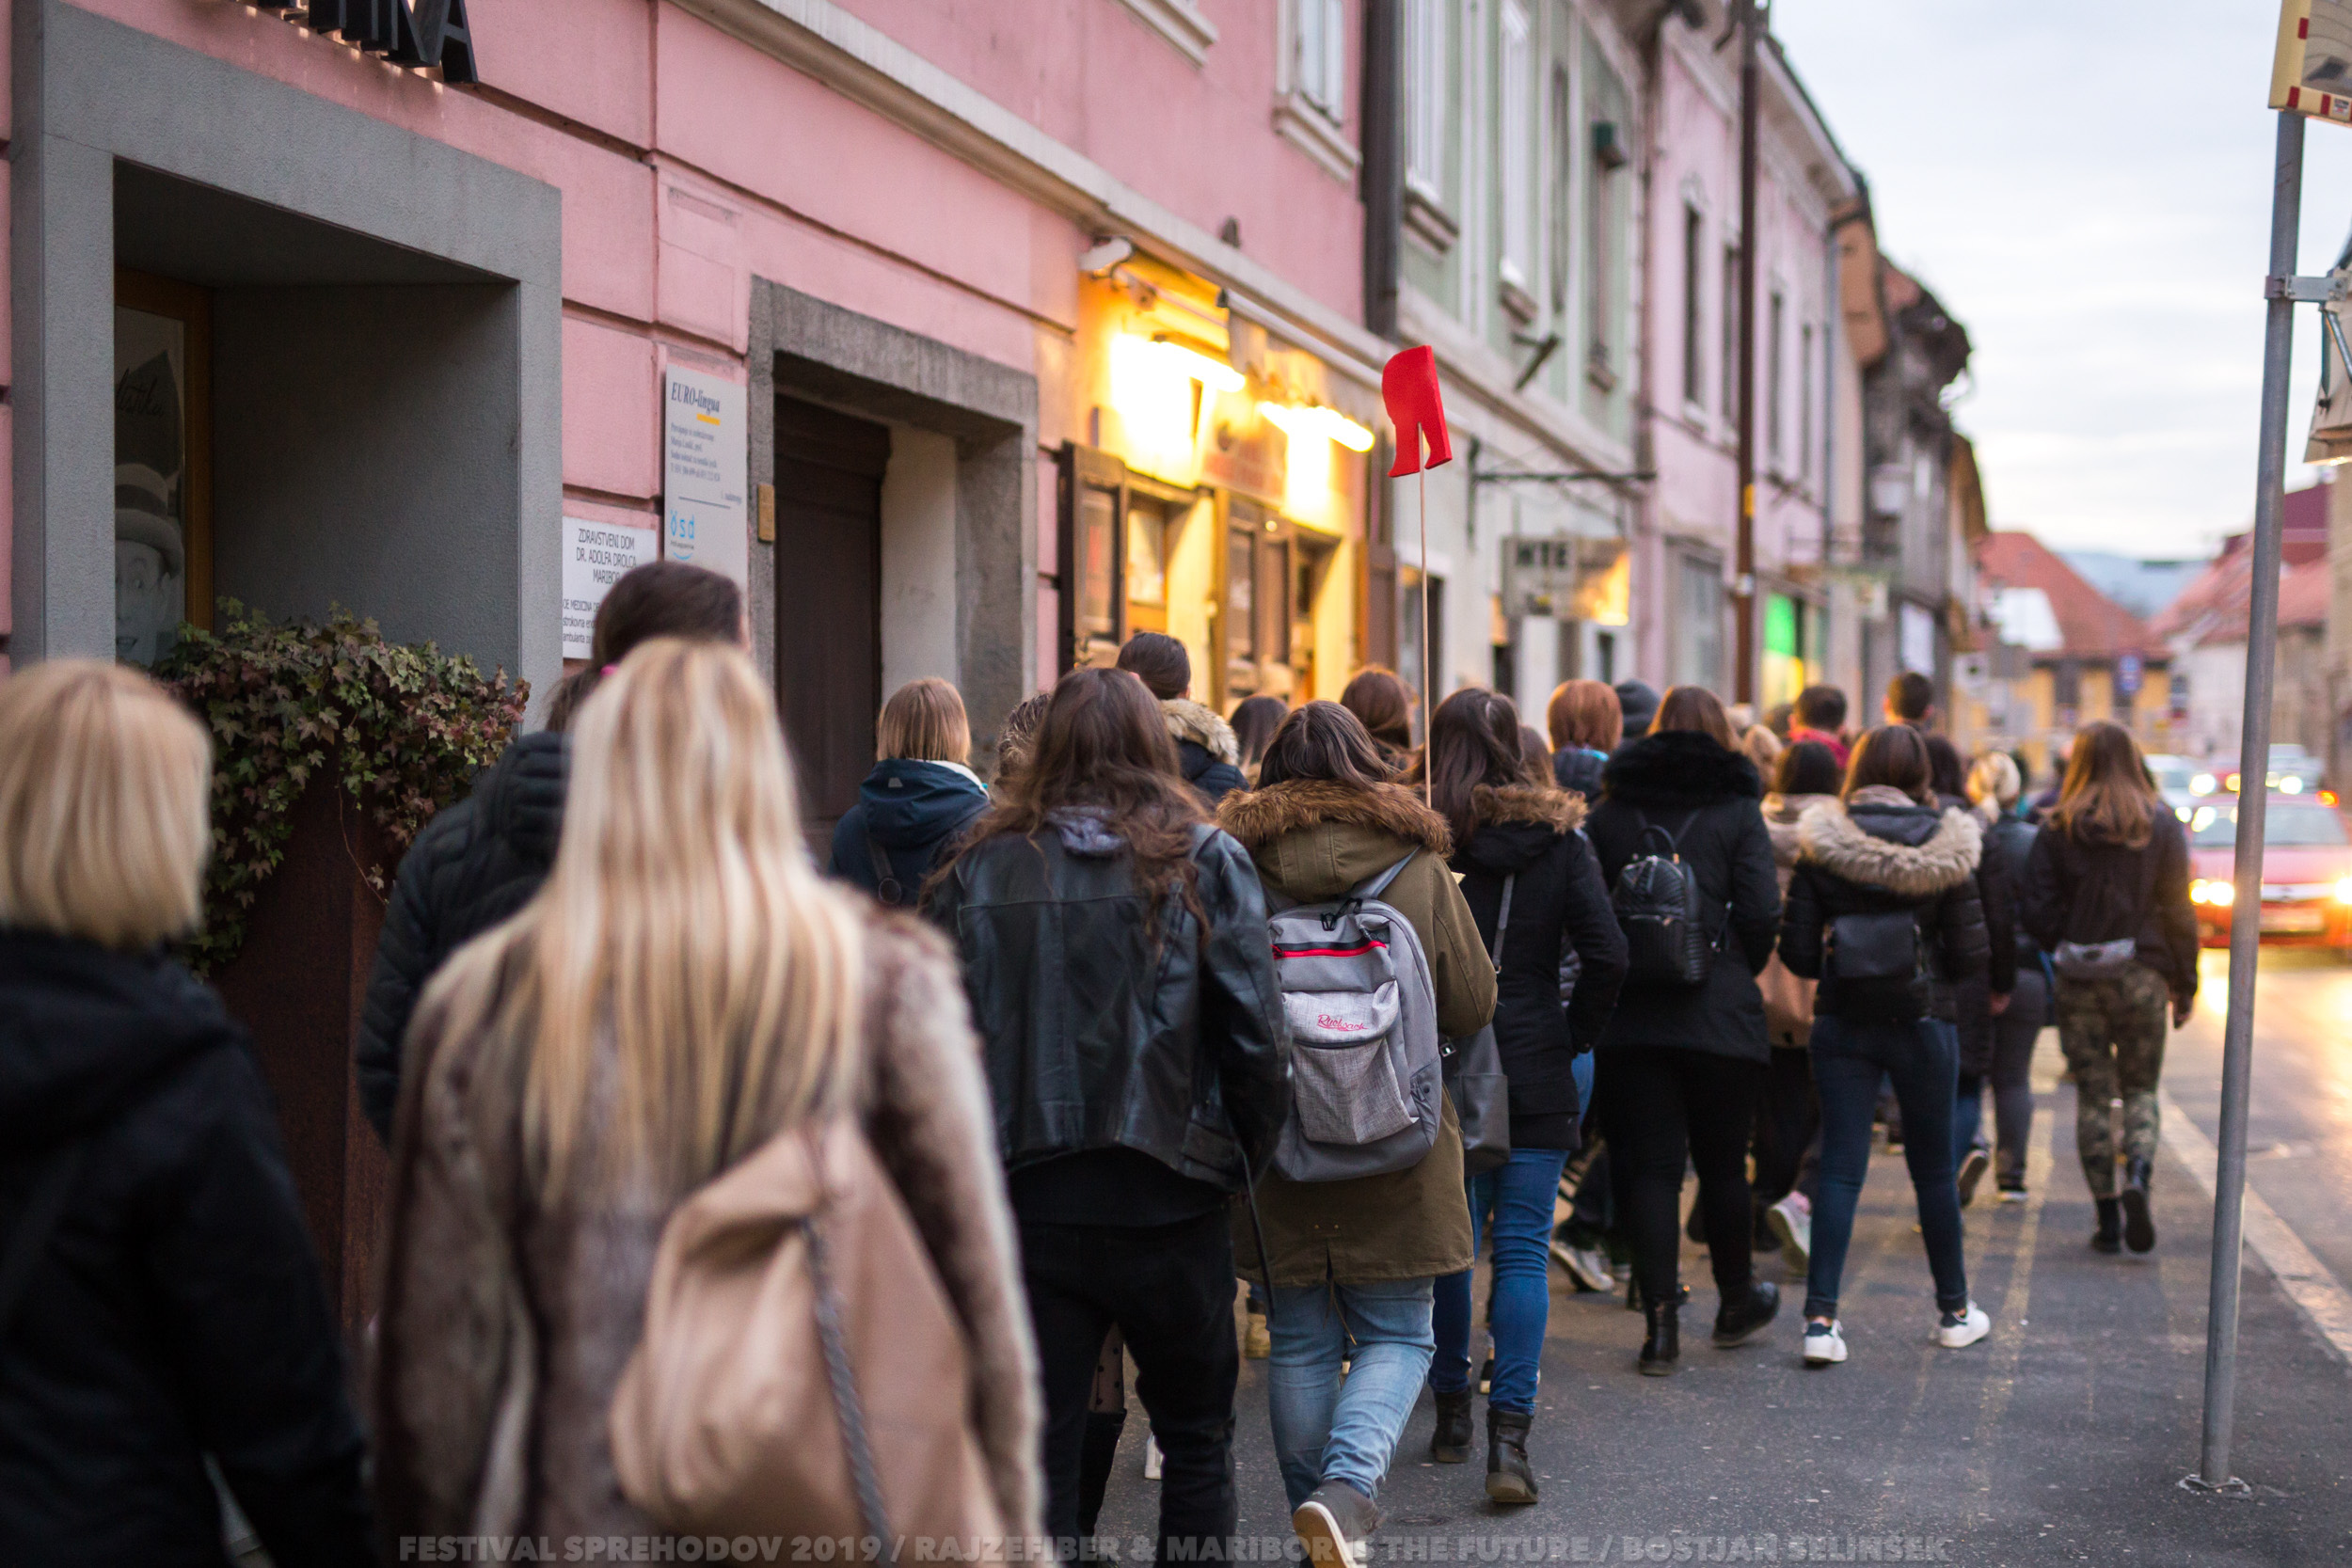 Festival sprehodov_3dan_Boštjan Selinšek (84).jpg